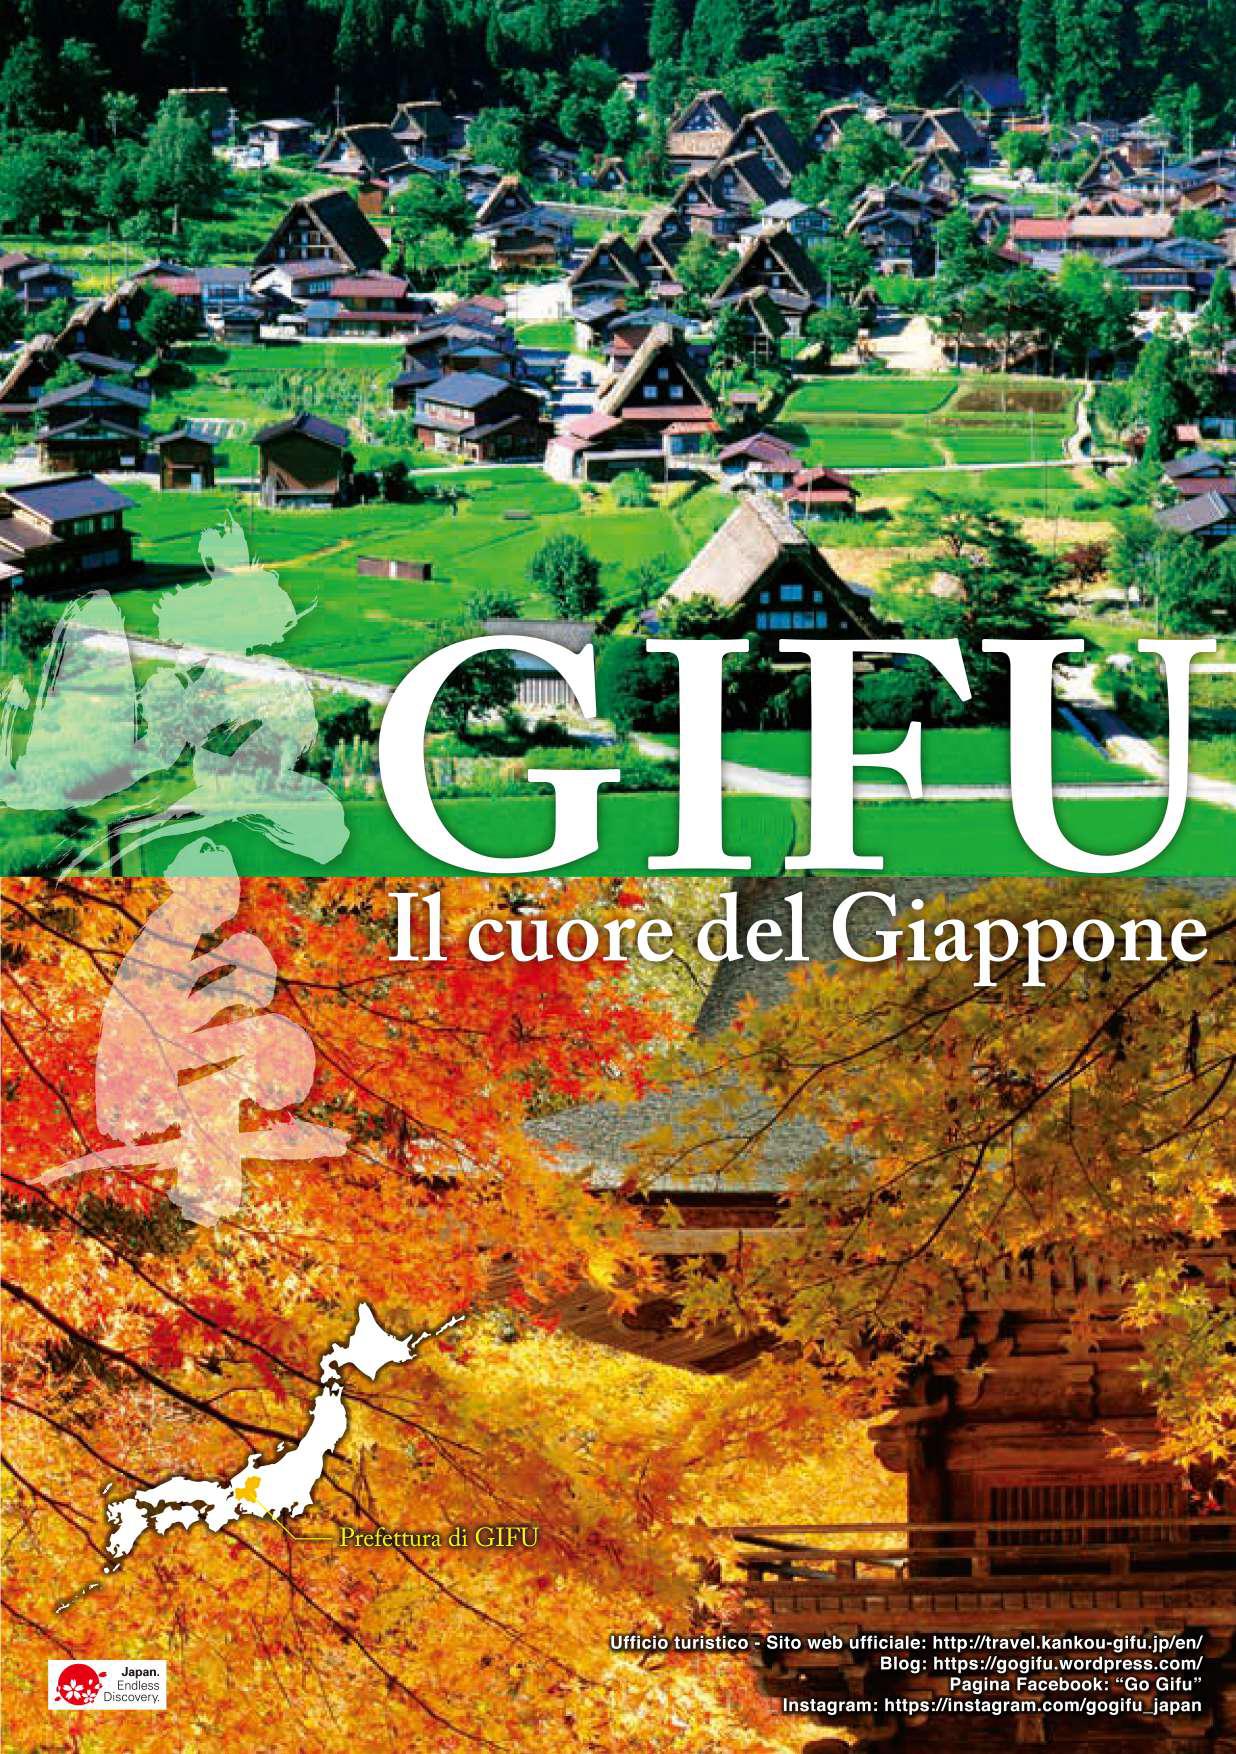 GIFU Il cuore del Giappone